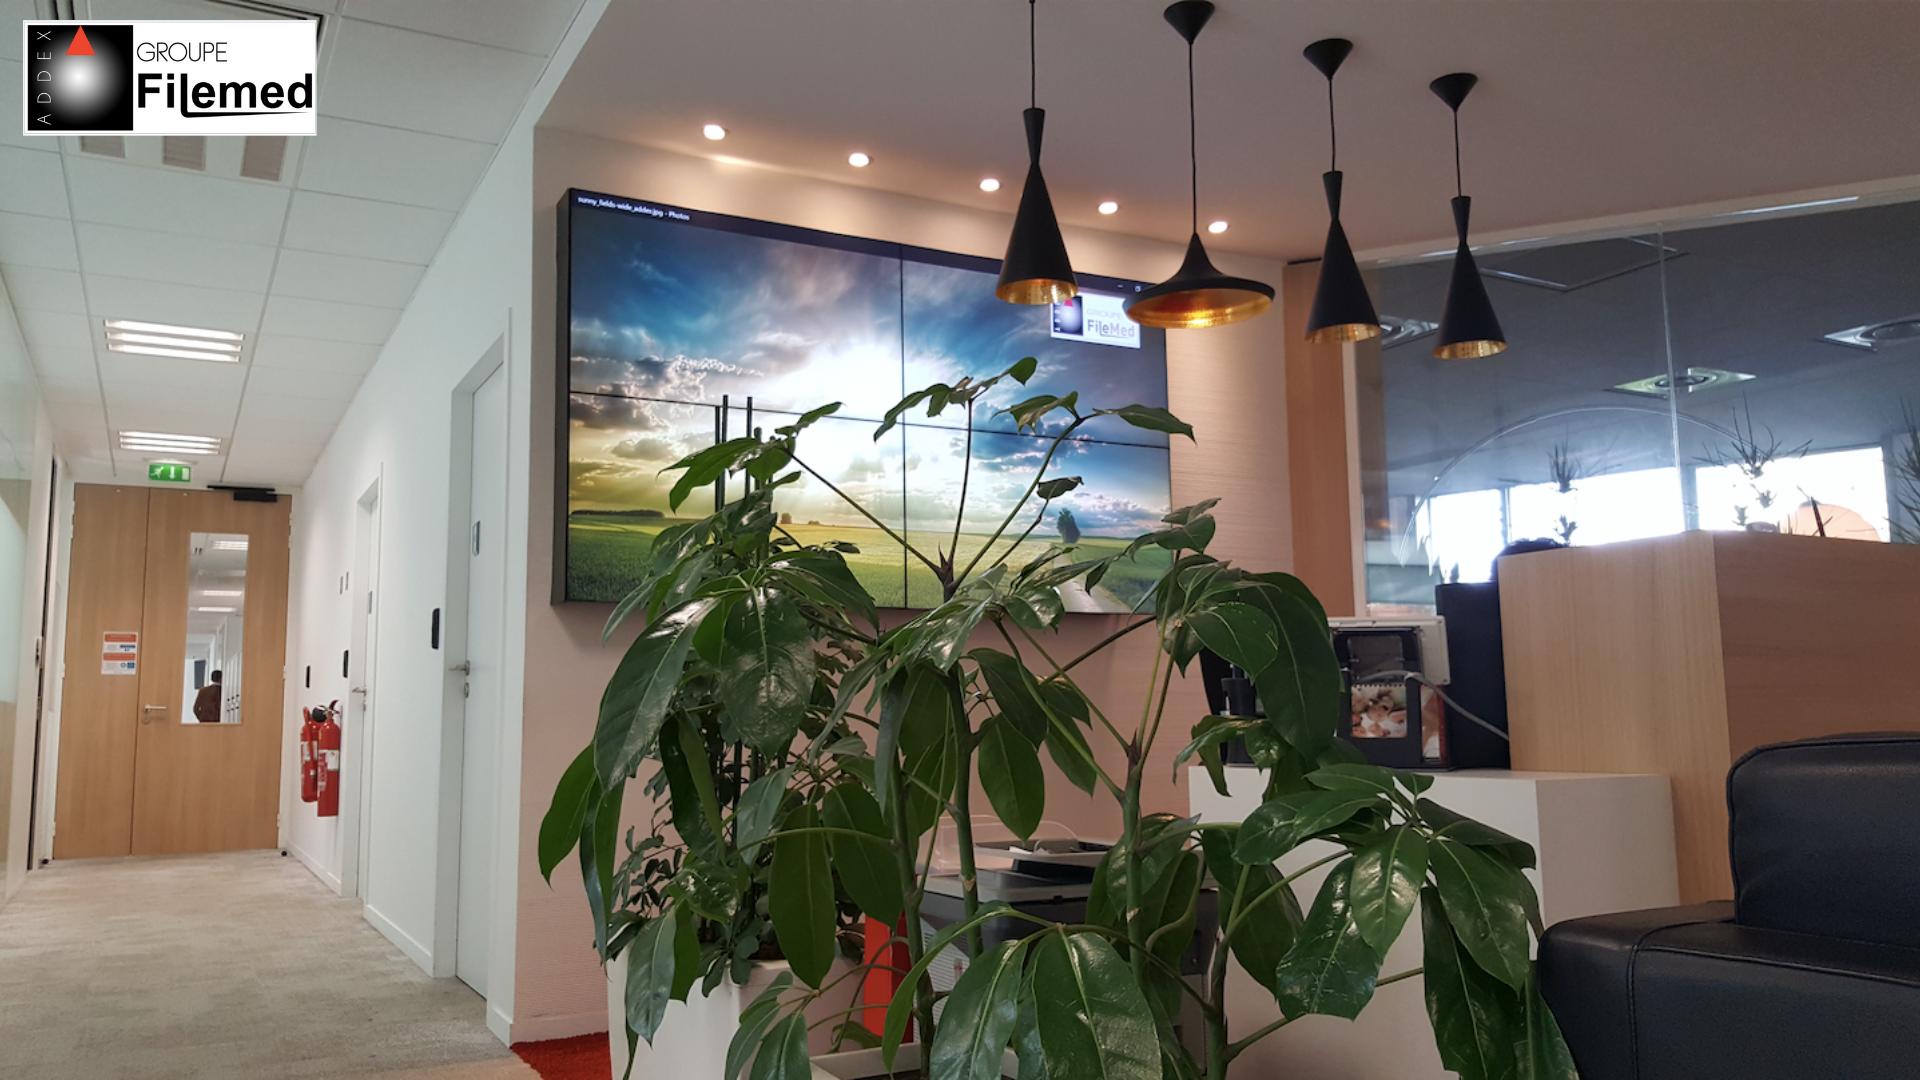 Intégrateur audiovisuel intégration intégration intégrateur ile de France île-de-France installation location distribution maintenance paris Yvelines équipement audio vidéo espace coworking informatique technique addex